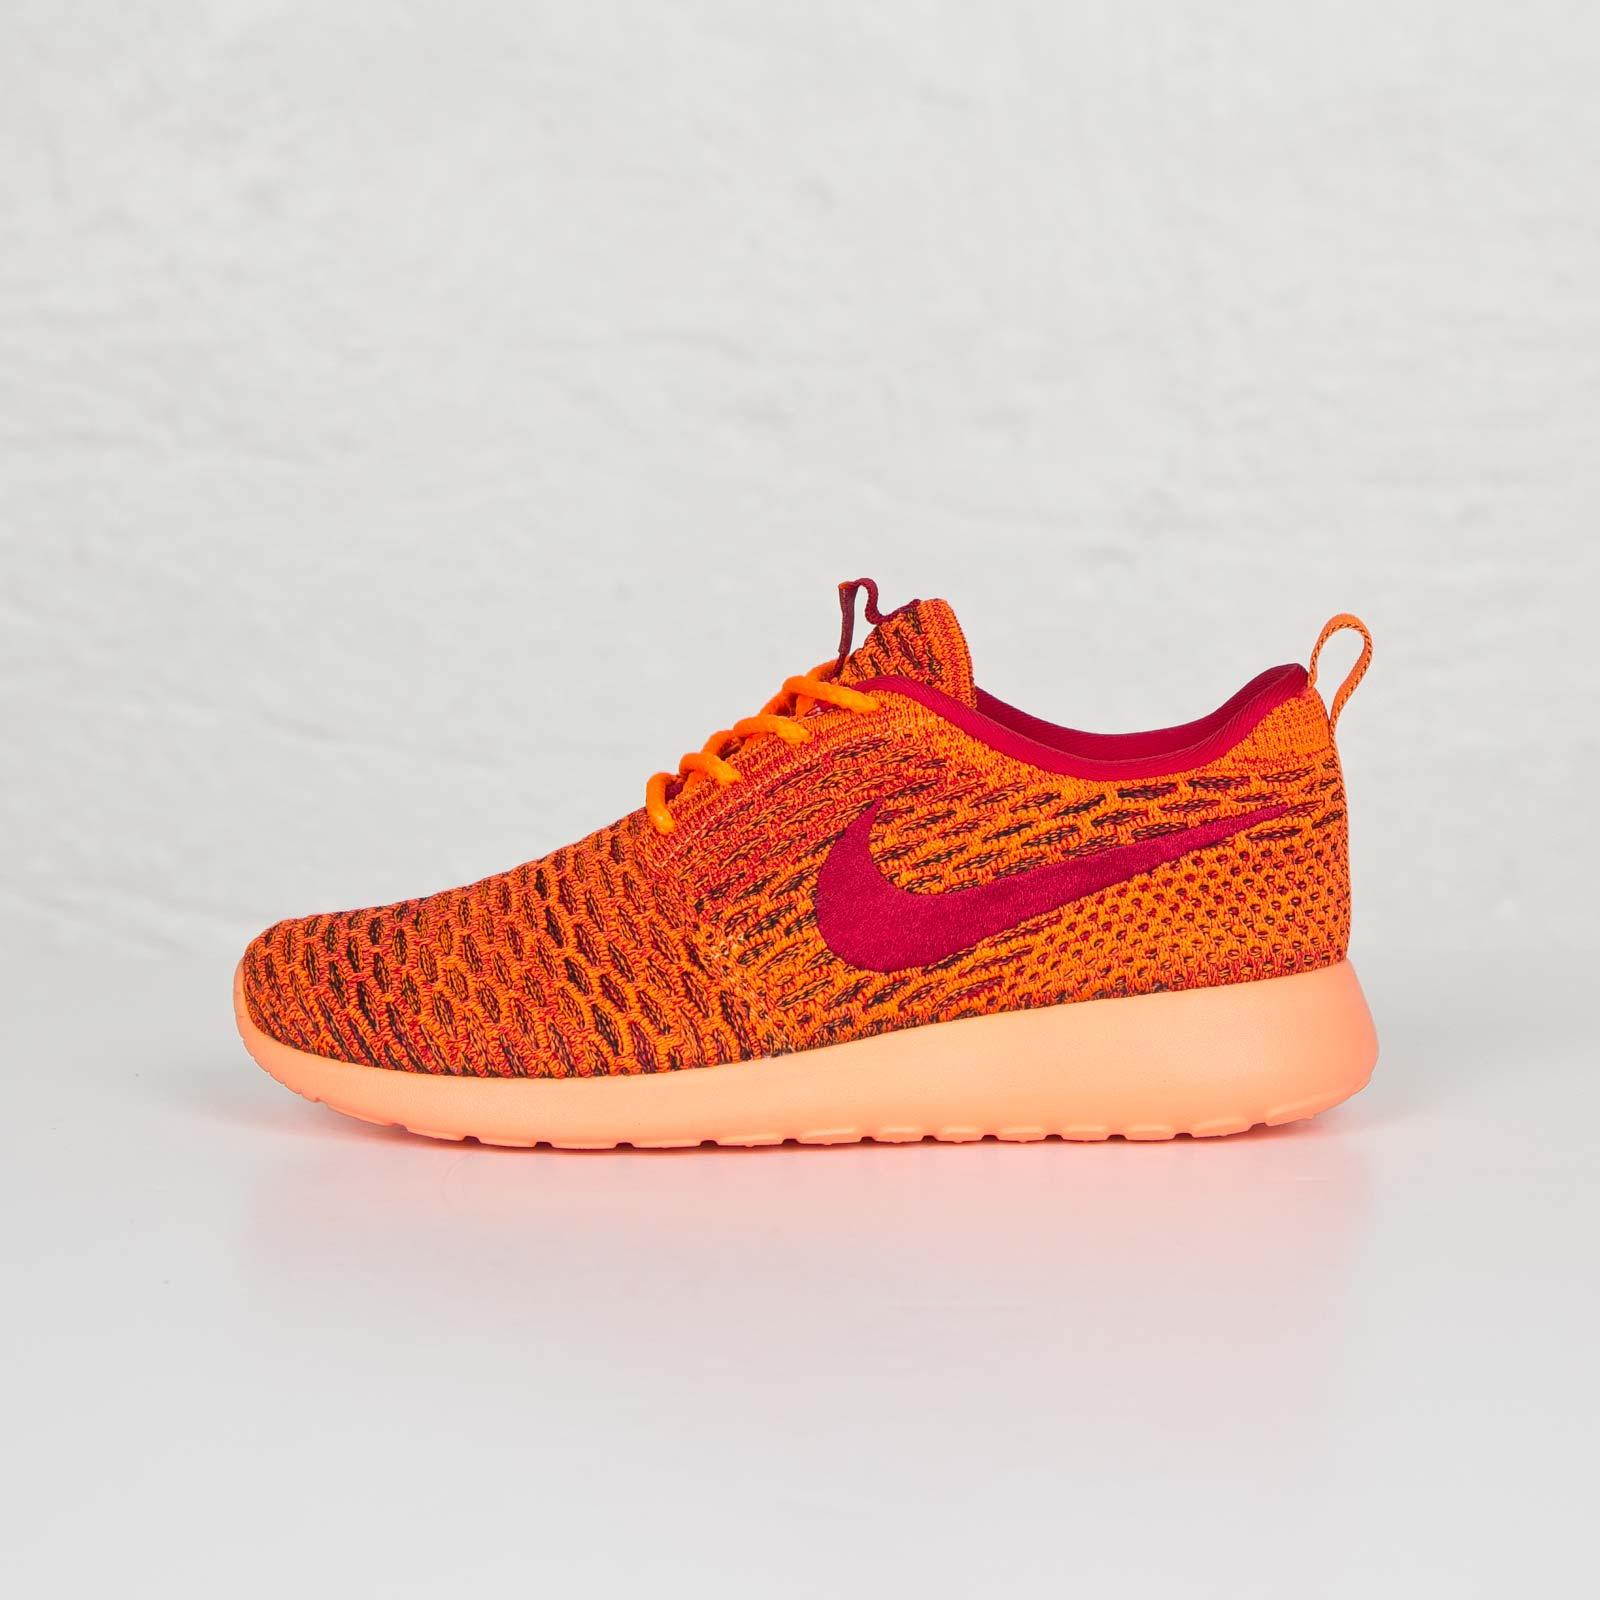 buy popular 15867 6eeb3 Nike Wmns Roshe One Flyknit - 704927-801 - Sneakersnstuff   sneakers    streetwear online since 1999